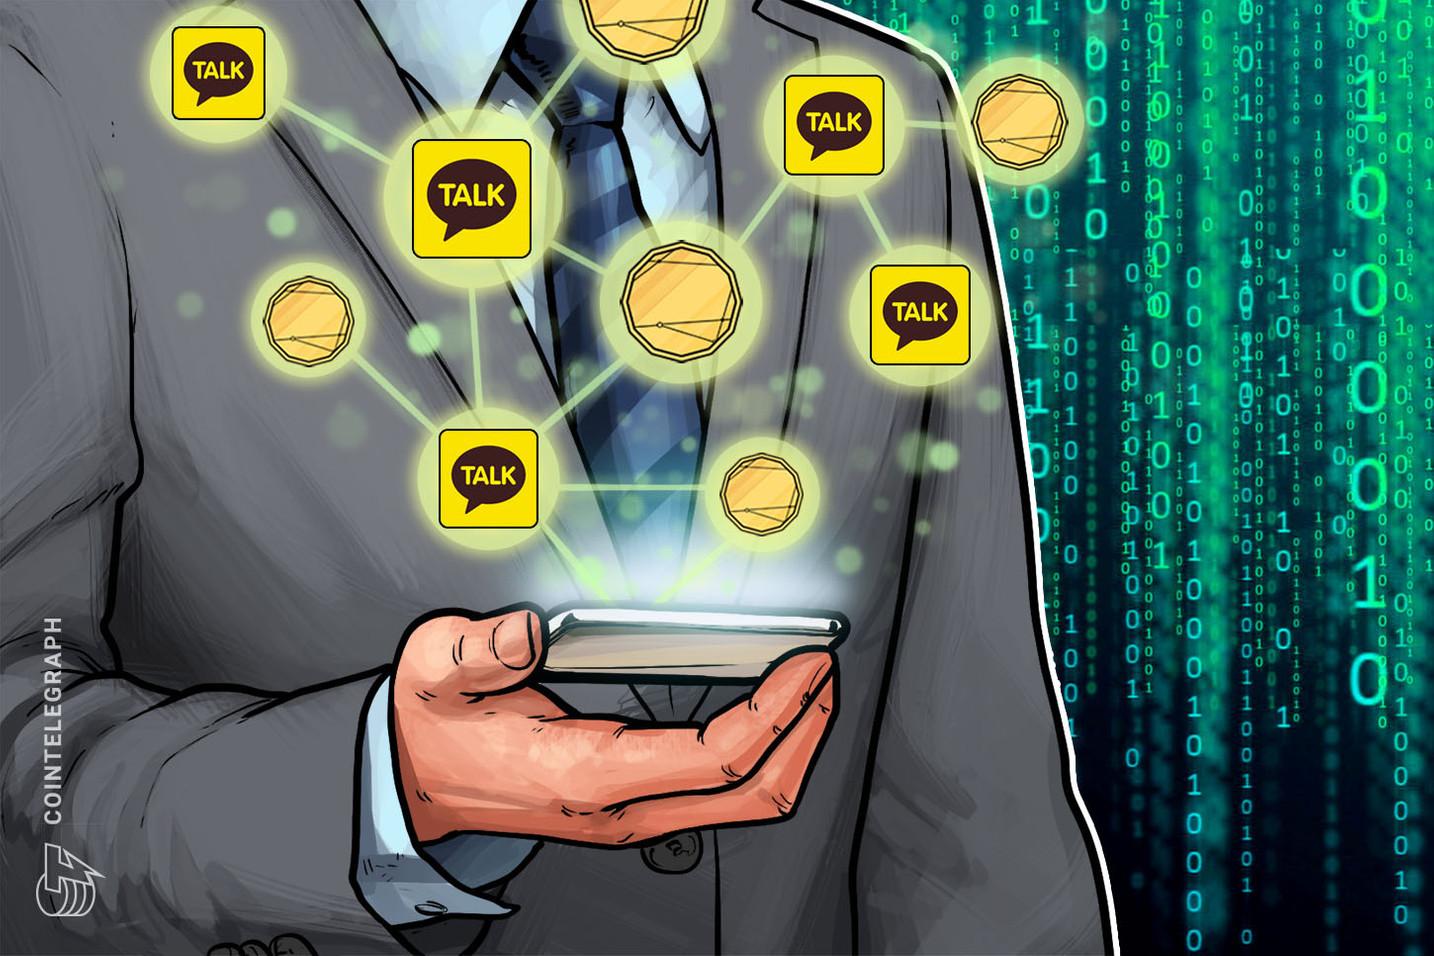 카톡 디지털 자산 서비스 '클립', 2030과 만든다